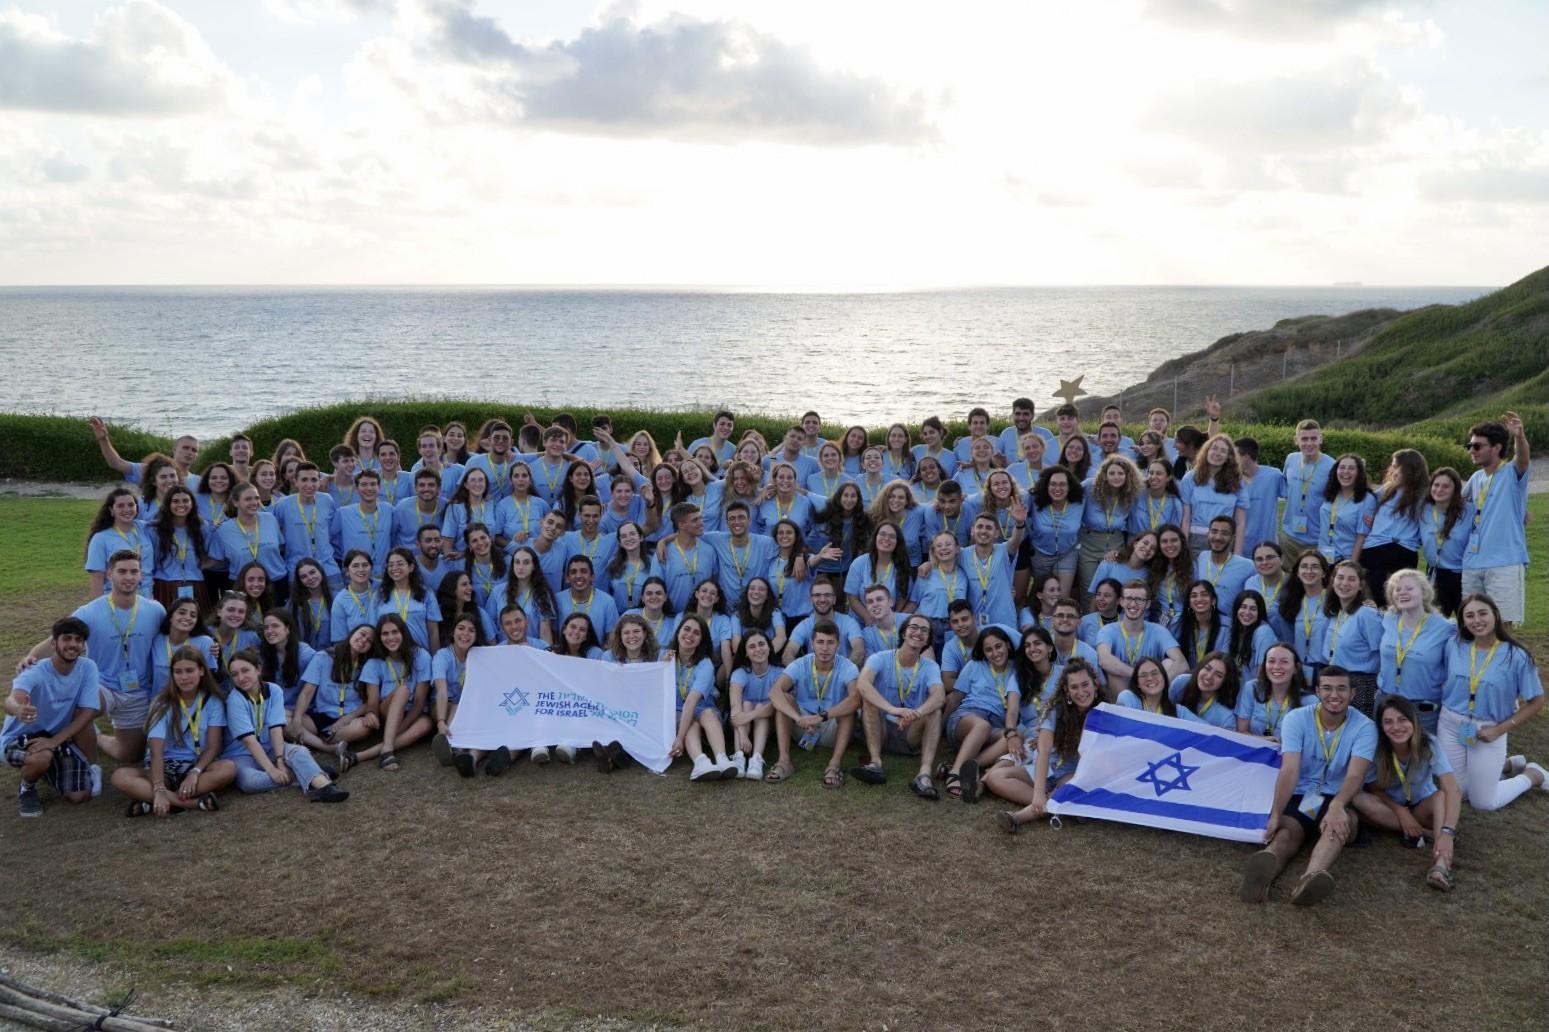 שליחים צעירים בתמונה קבוצתית על רקע הים התיכון